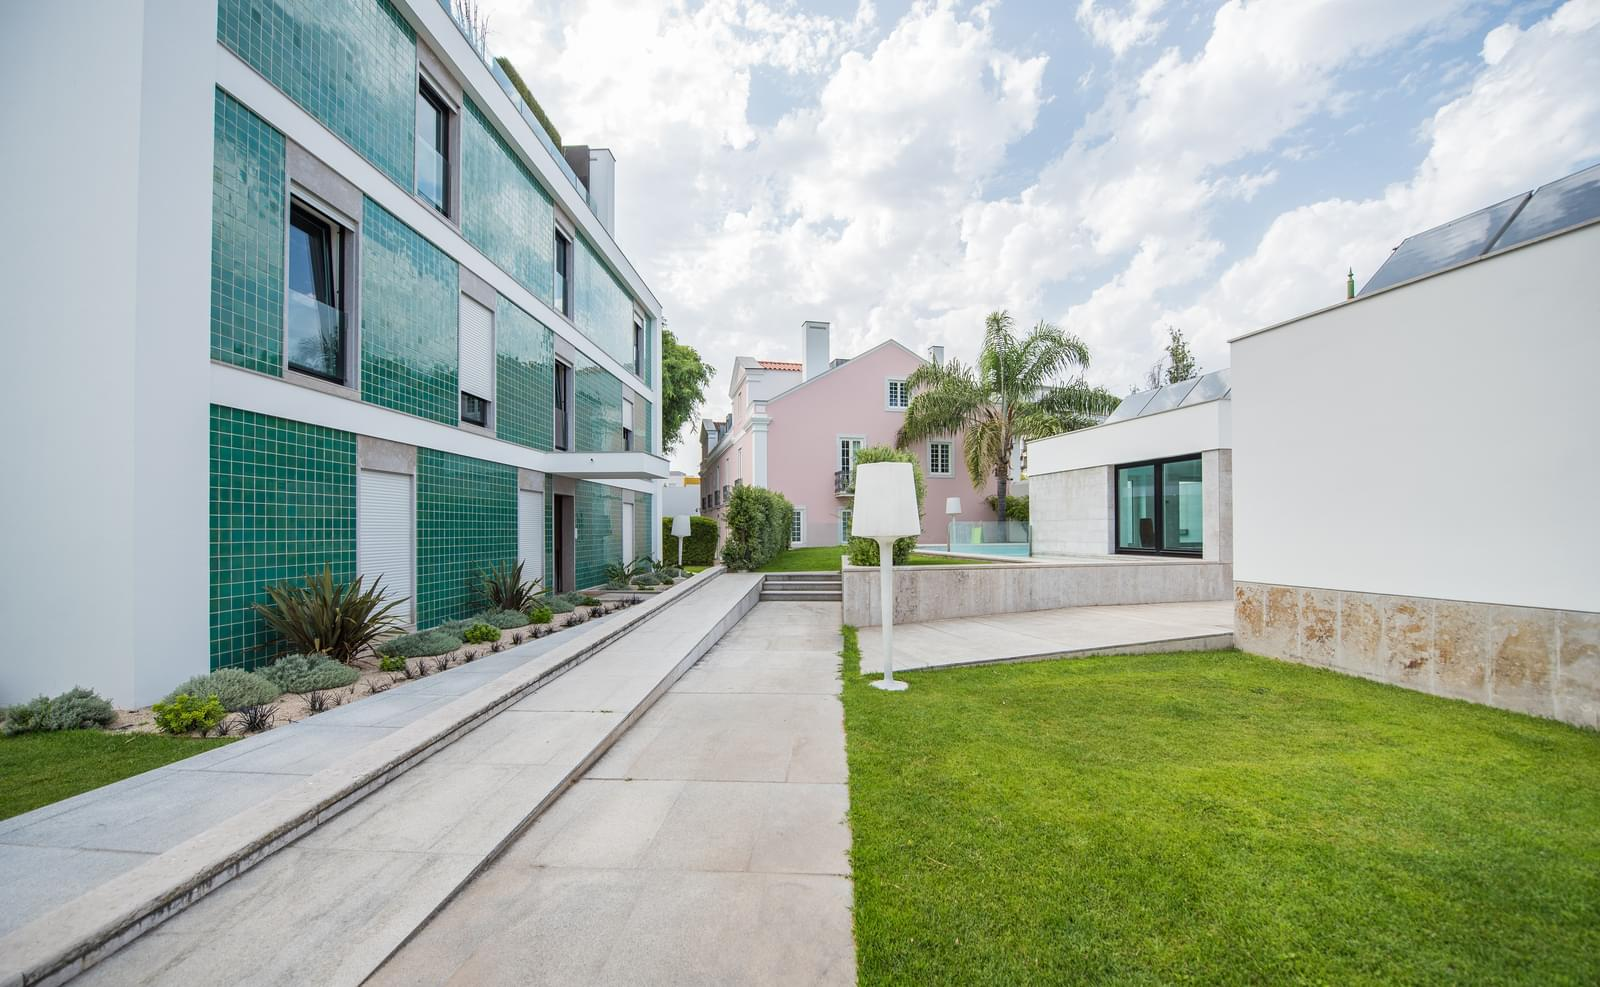 pf19211-apartamento-t4-lisboa-c2718197-d509-46e5-930f-67282c57049d